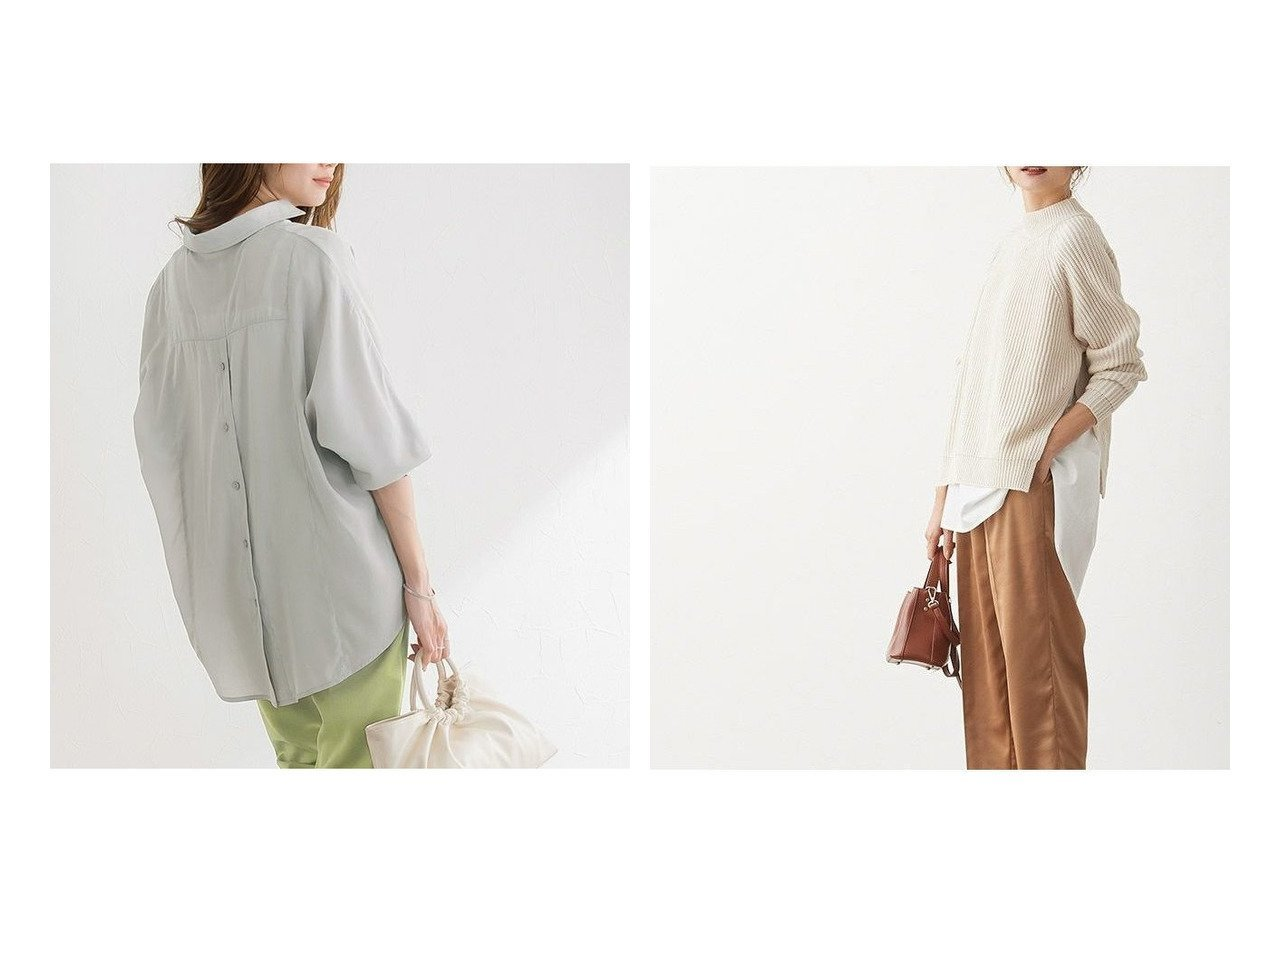 【Pierrot/ピエロ】のバックボタンスキッパーシャツ&ドッキングシャツニット おすすめ!人気!プチプライスで上品なファッションアイテムの通販  おすすめで人気の流行・トレンド、ファッションの通販商品 メンズファッション・キッズファッション・インテリア・家具・レディースファッション・服の通販 founy(ファニー) https://founy.com/ ファッション Fashion レディースファッション WOMEN トップス カットソー Tops Tshirt シャツ/ブラウス Shirts Blouses ニット Knit Tops プチプライス・低価格 Affordable スリット ハイネック ボトム |ID:crp329100000021312